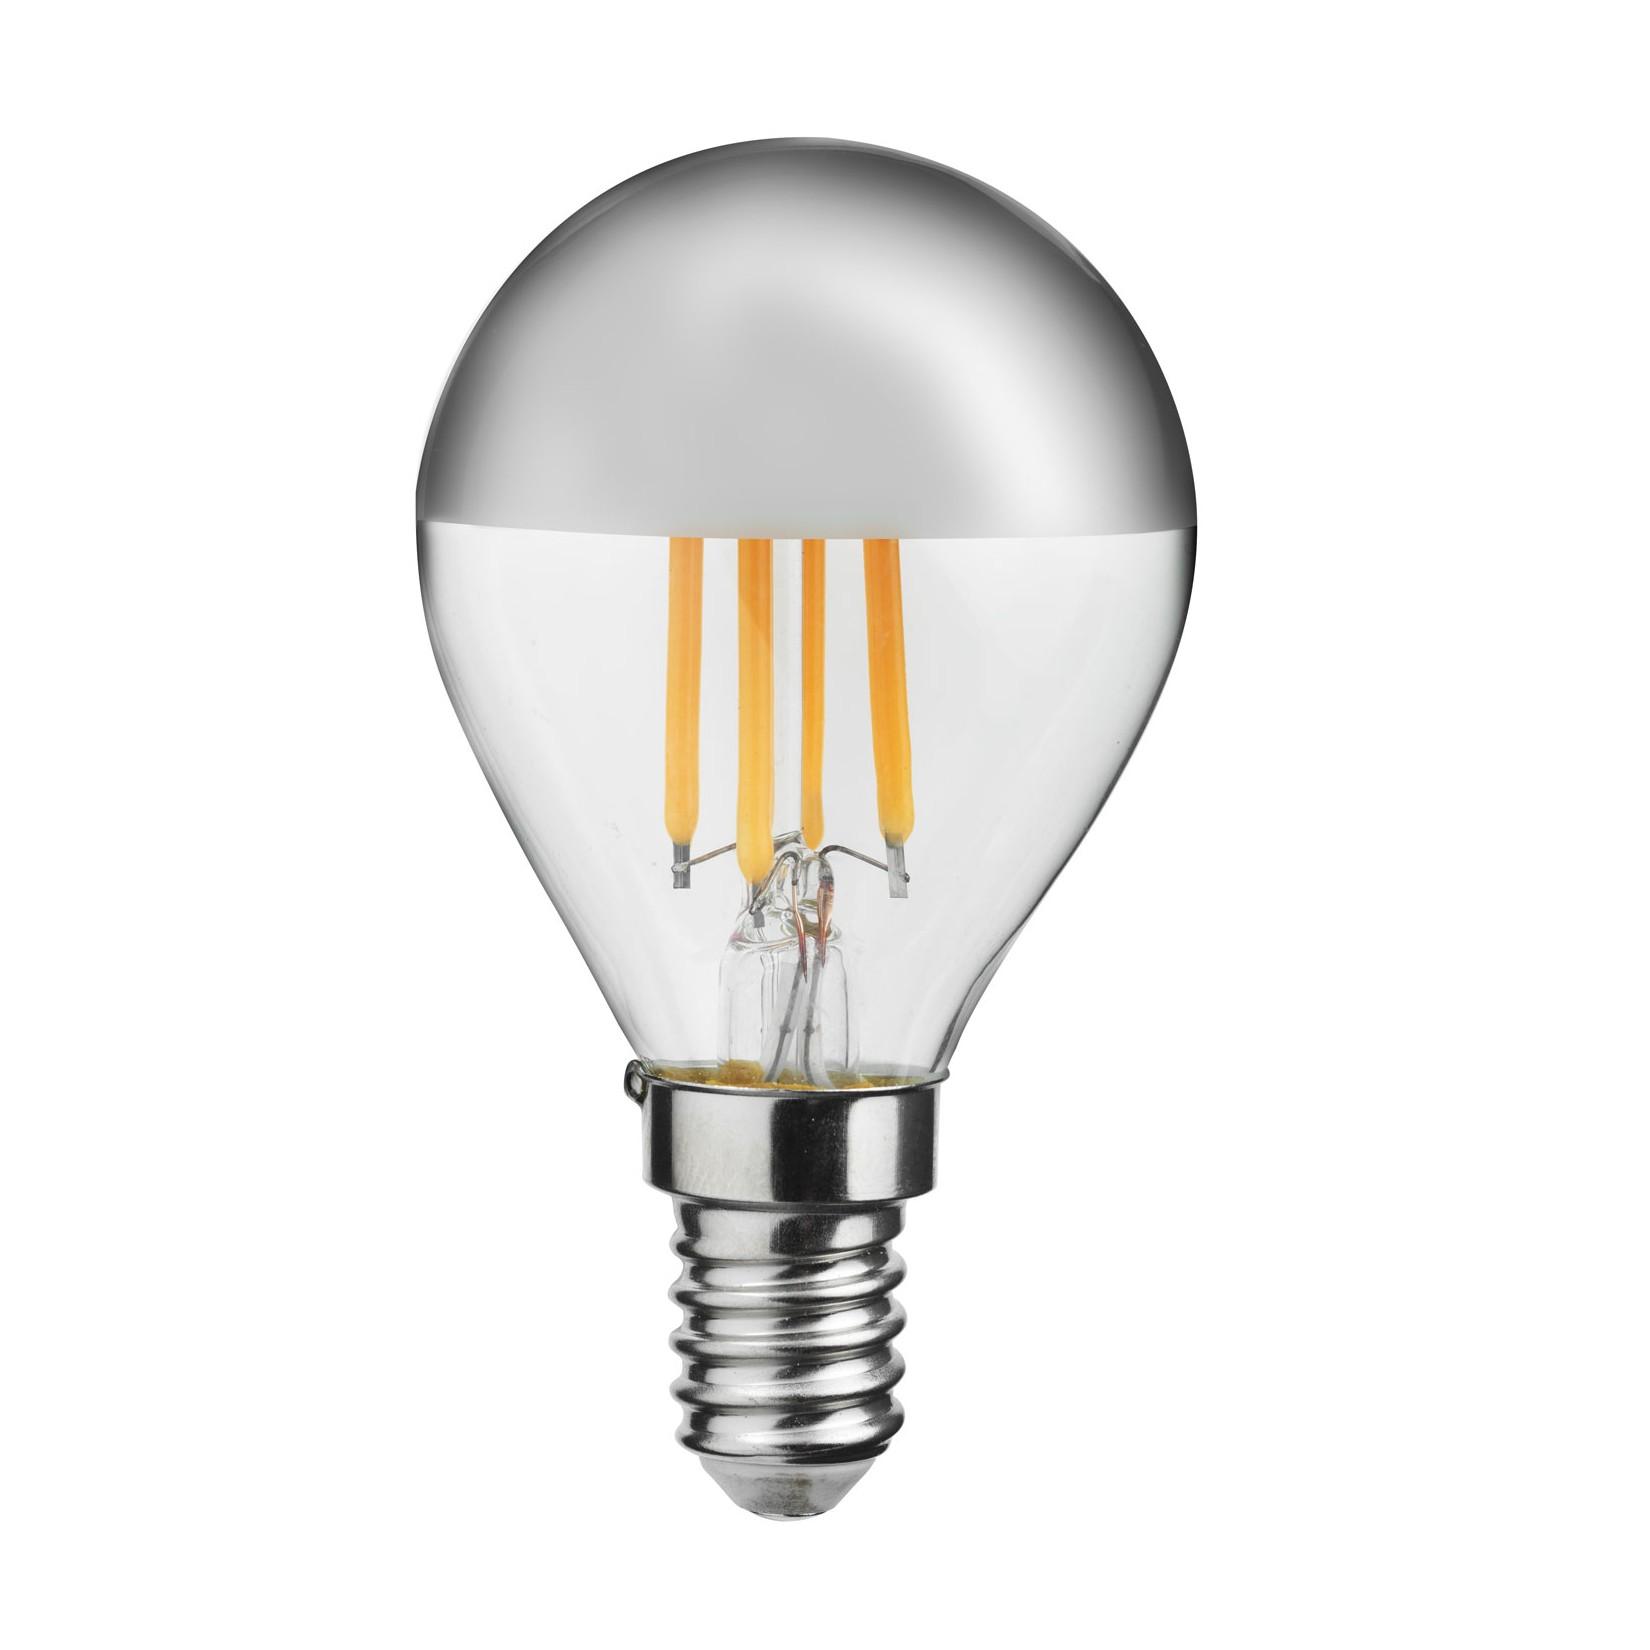 UNI-LEDISON Klot Toppf. Dimb E14